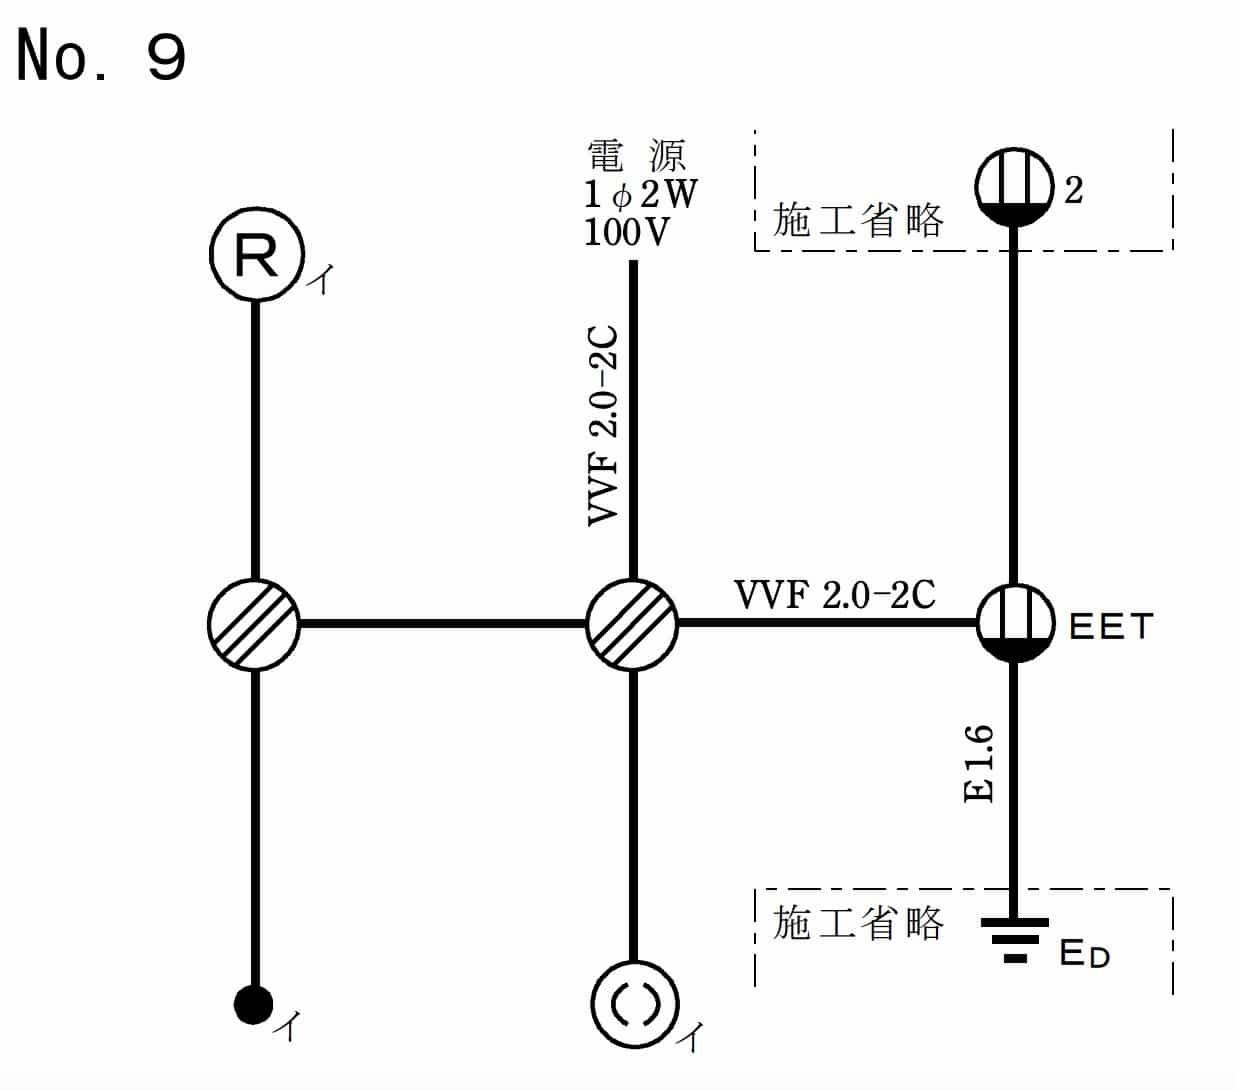 第二種電気工事士の技能試験の候補問題No.9